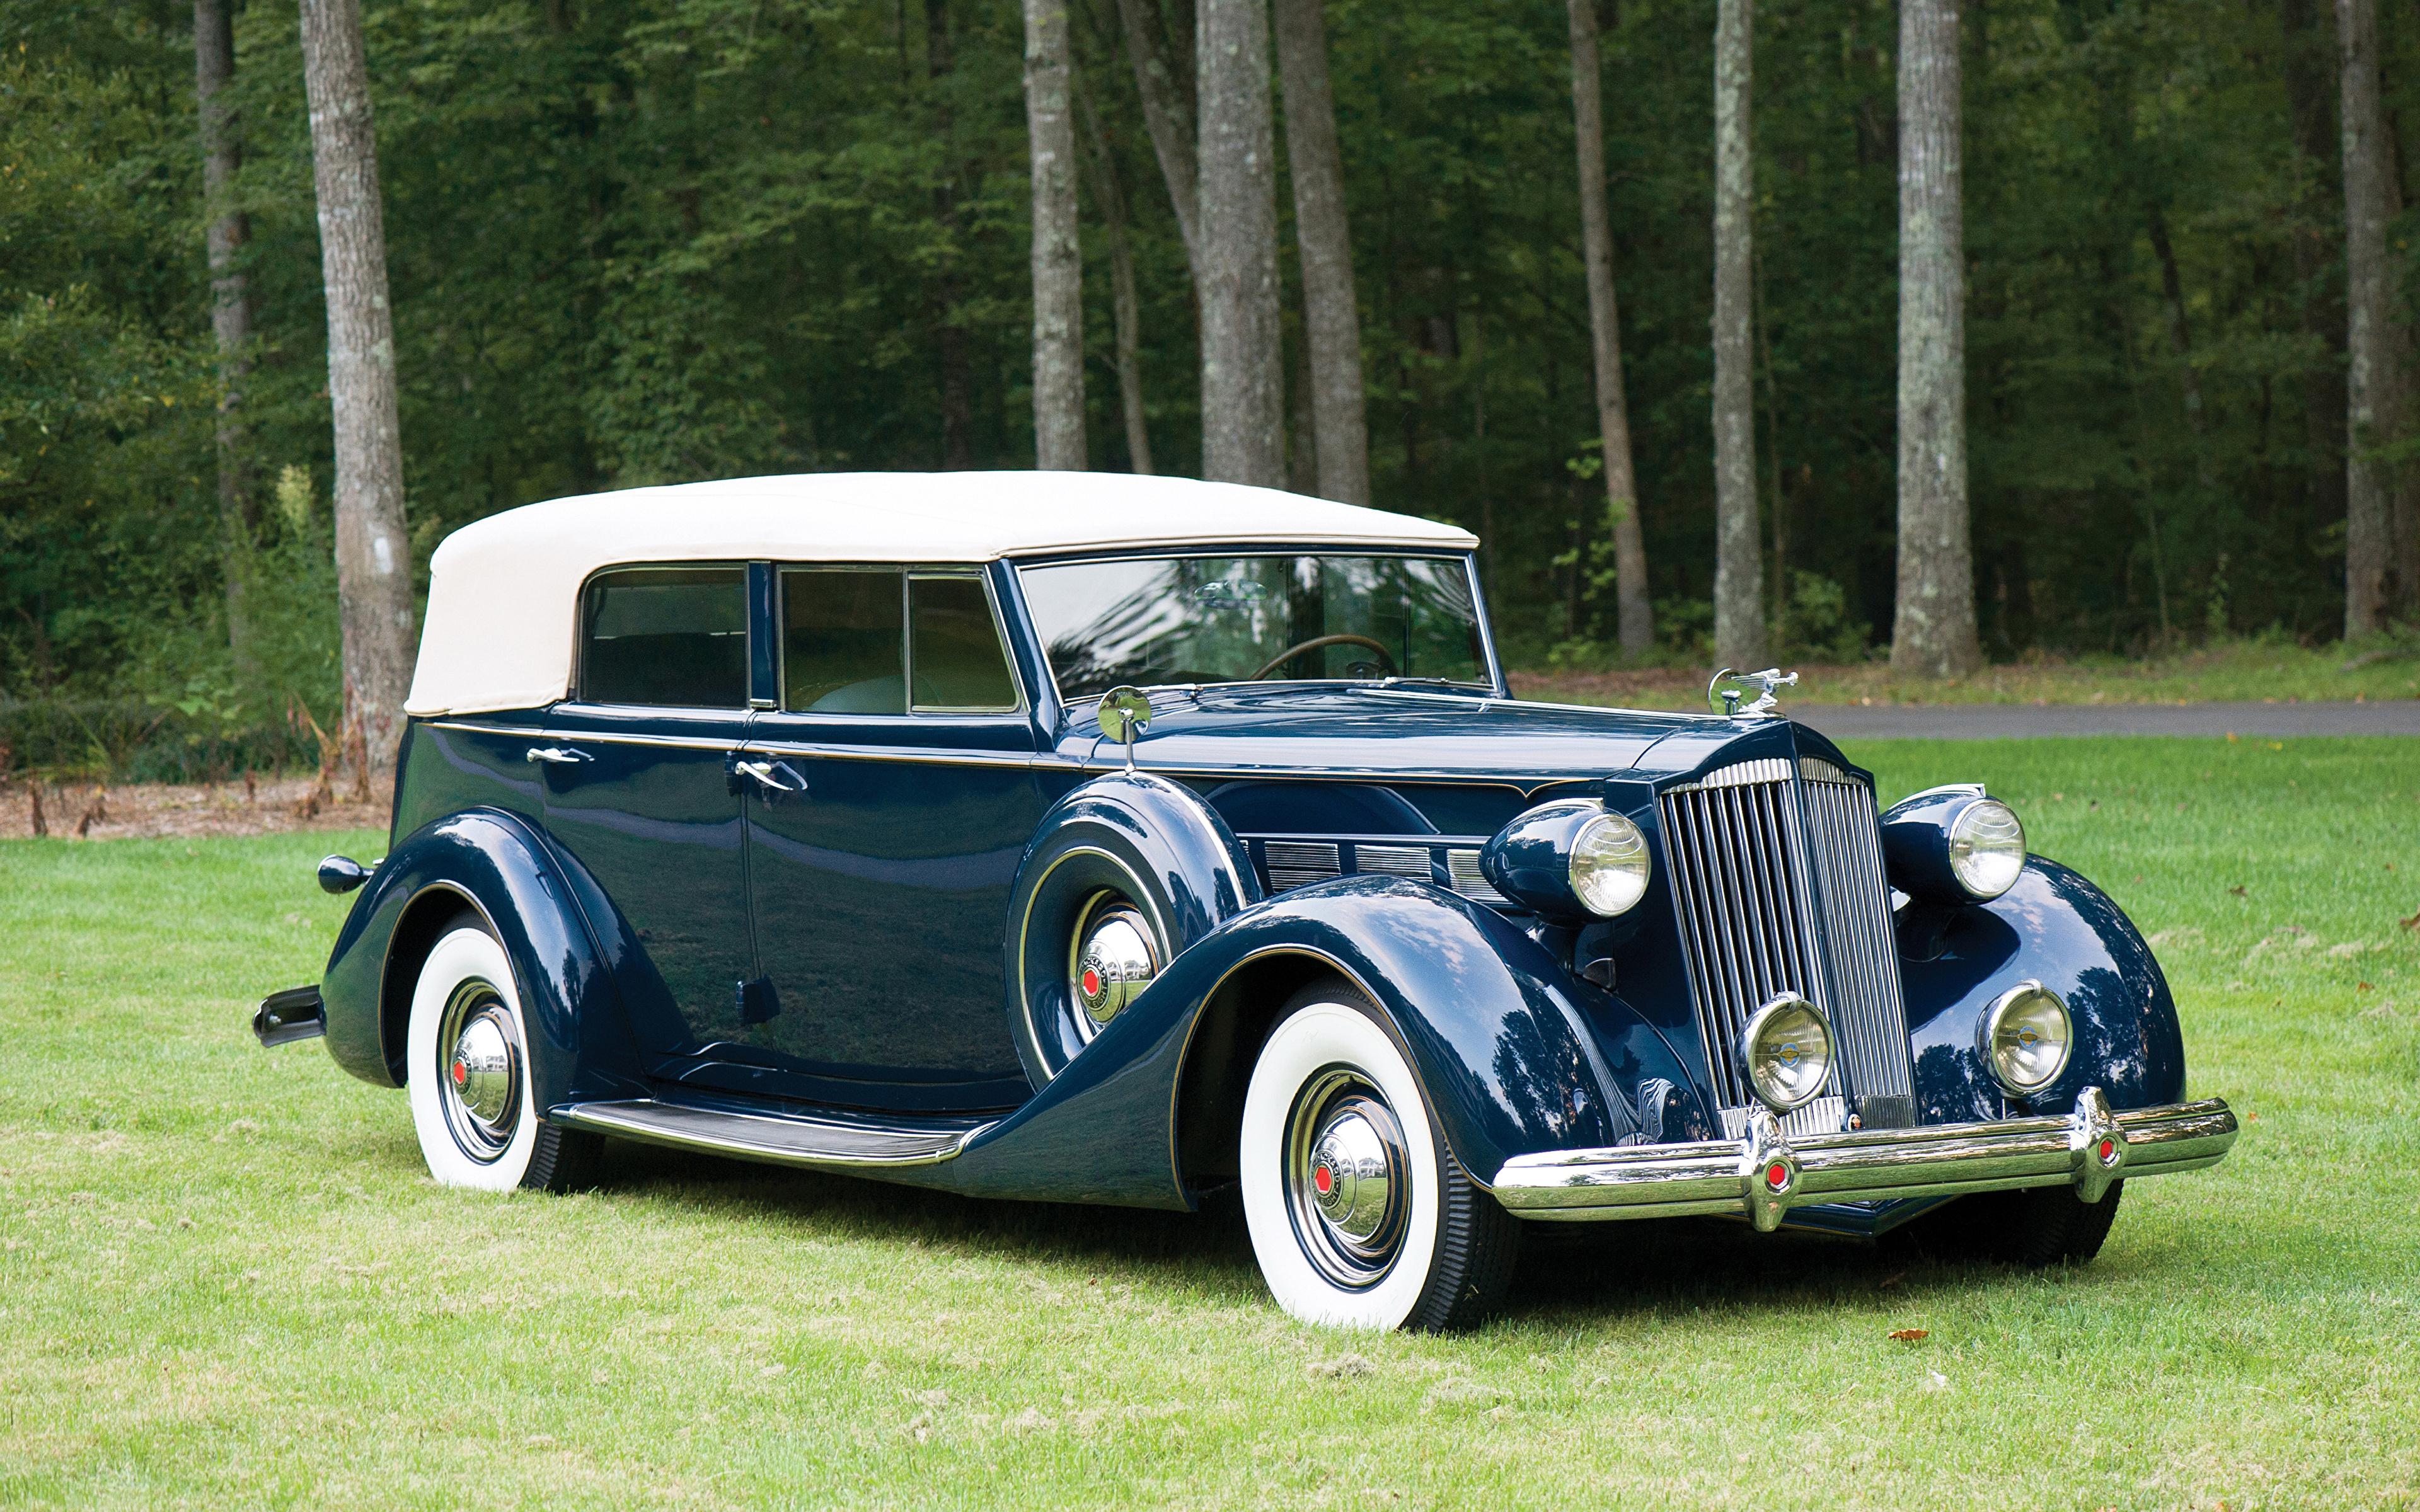 Image 1937 Packard Super Eight Convertible Sedan Blue 3840x2400